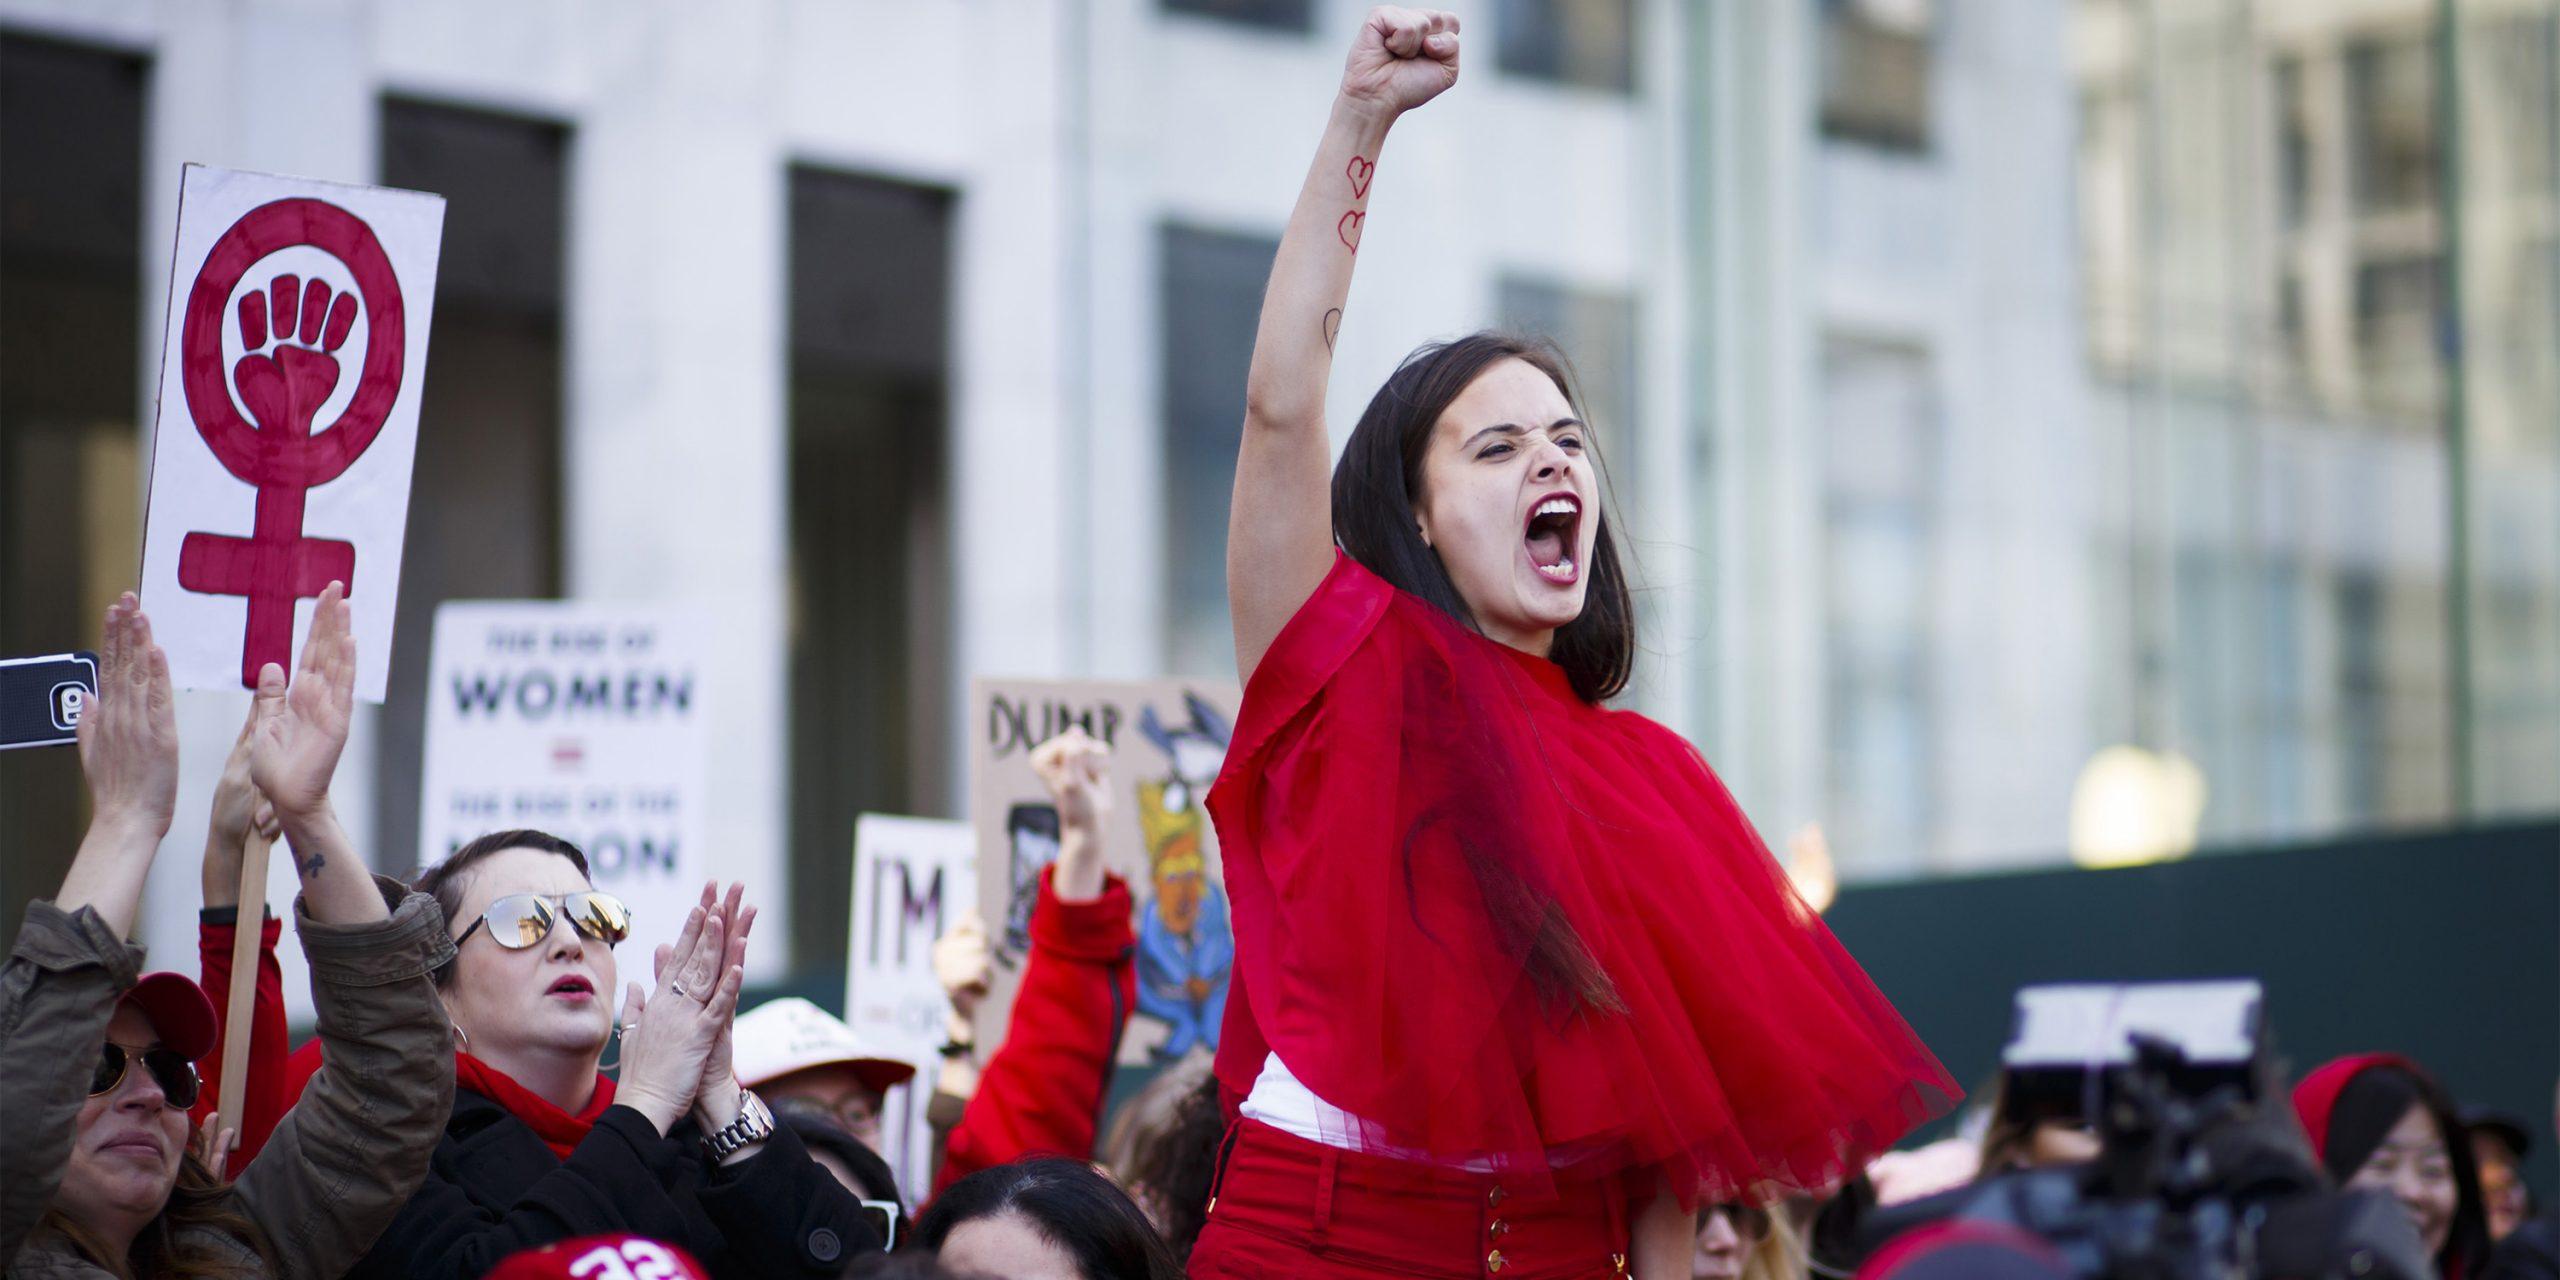 2018'de feminizm en büyük silahını, savunmayı kuşanıyor